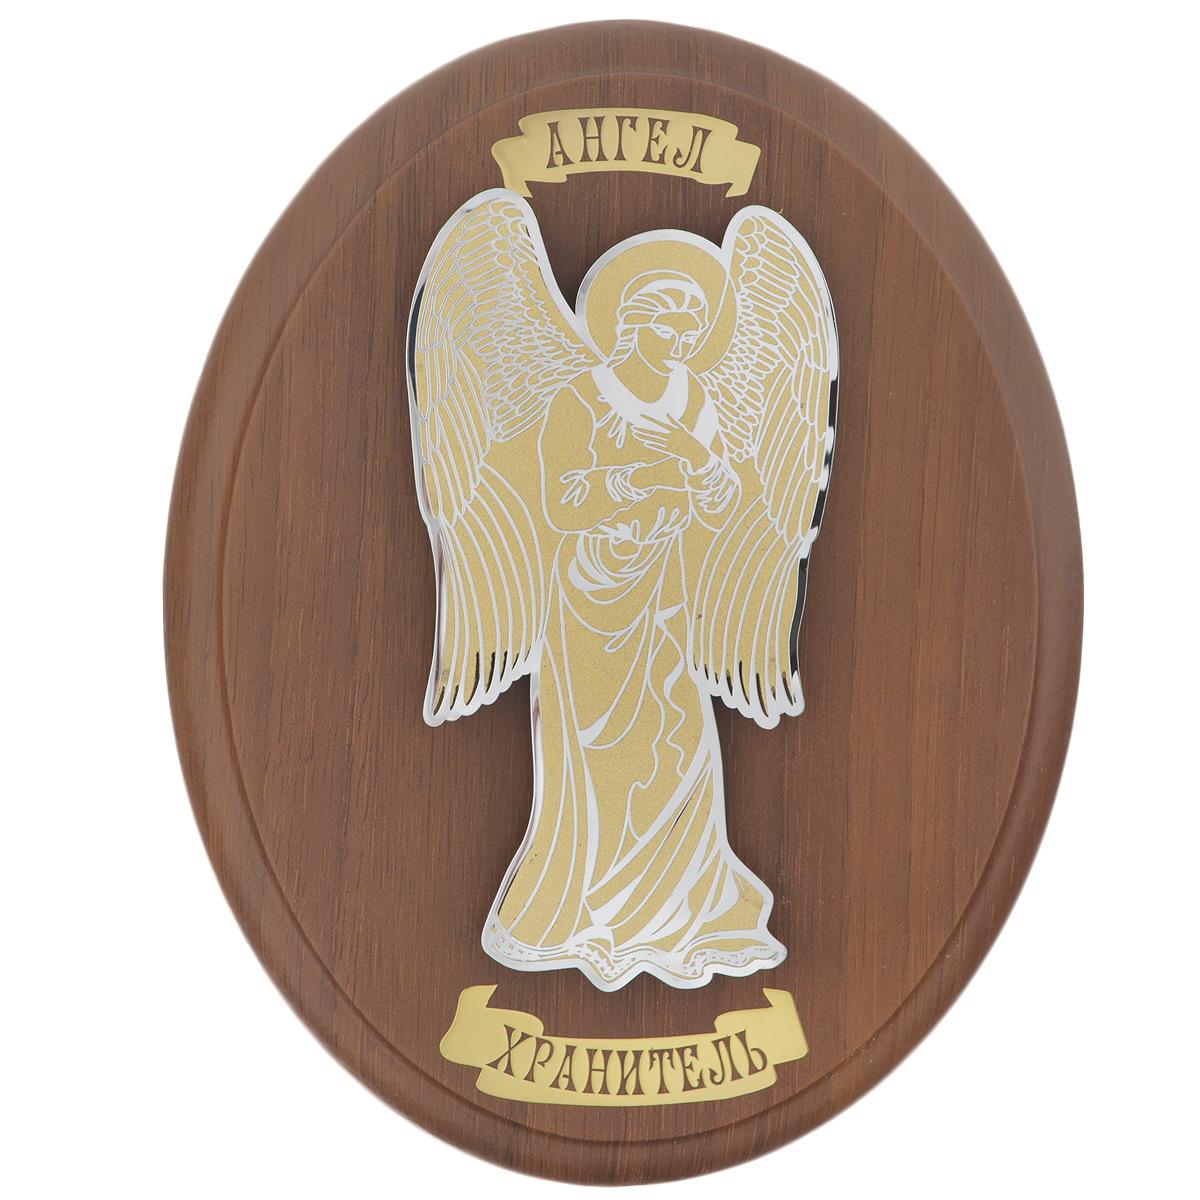 Панно Ангел-Хранитель, 13 см х 16,5 см60622001Панно Ангел-Хранитель - замечательный сувенир и прекрасный элемент декора. Основание изделия выполнено из МДФ, по центру размещена металлическая пластина из латунированной стали, которая выполнена в форме ангела и украшена рельефным рисунком. Панно оформлено надписью Ангел Хранитель золотистого цвета; технология нанесения текста - лазерная гравировка. С задней стороны имеется металлическая петелька для размещения на стене. Панно упаковано в изысканную подарочную коробку, закрывающуюся на замочек. Внутренняя поверхность коробки задрапирована атласной тканью светлых тонов.